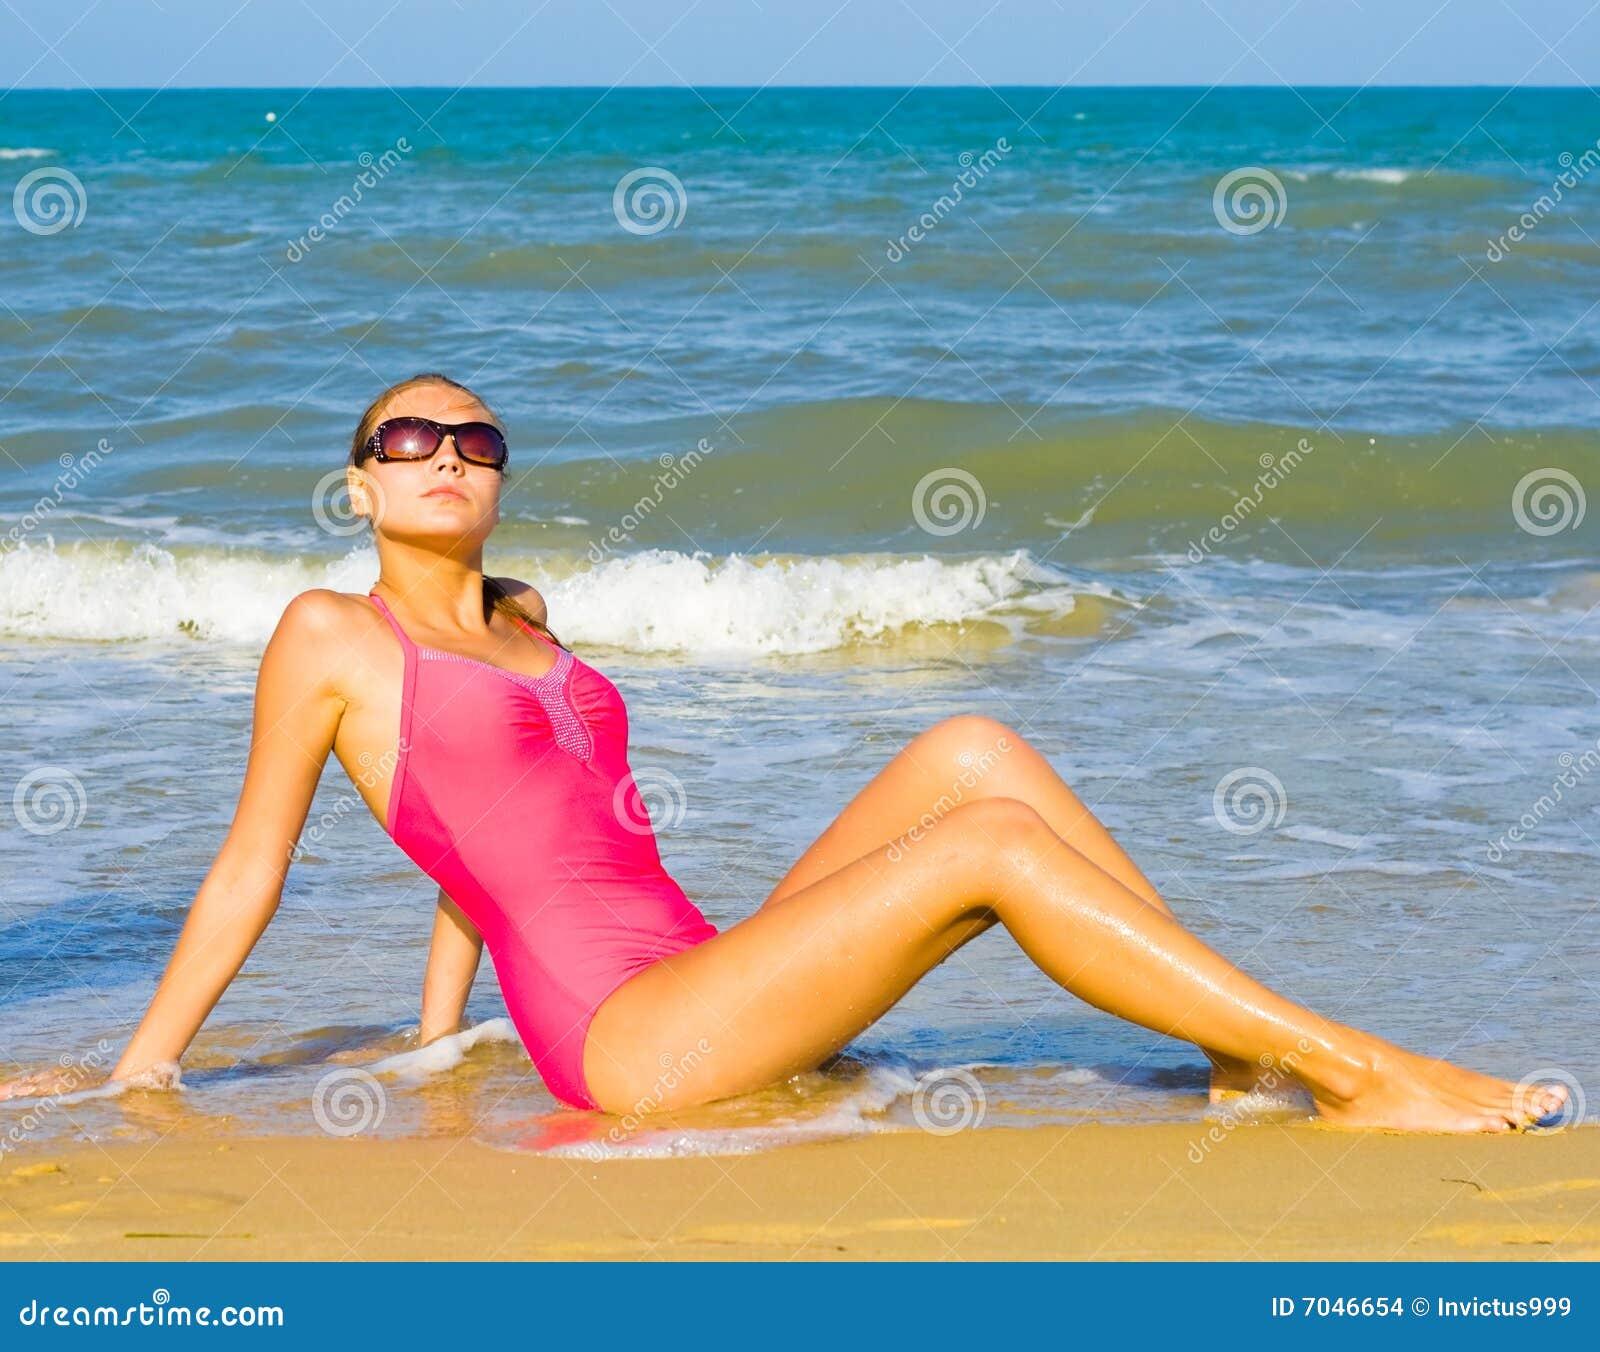 Beach bliss under hot summer sun